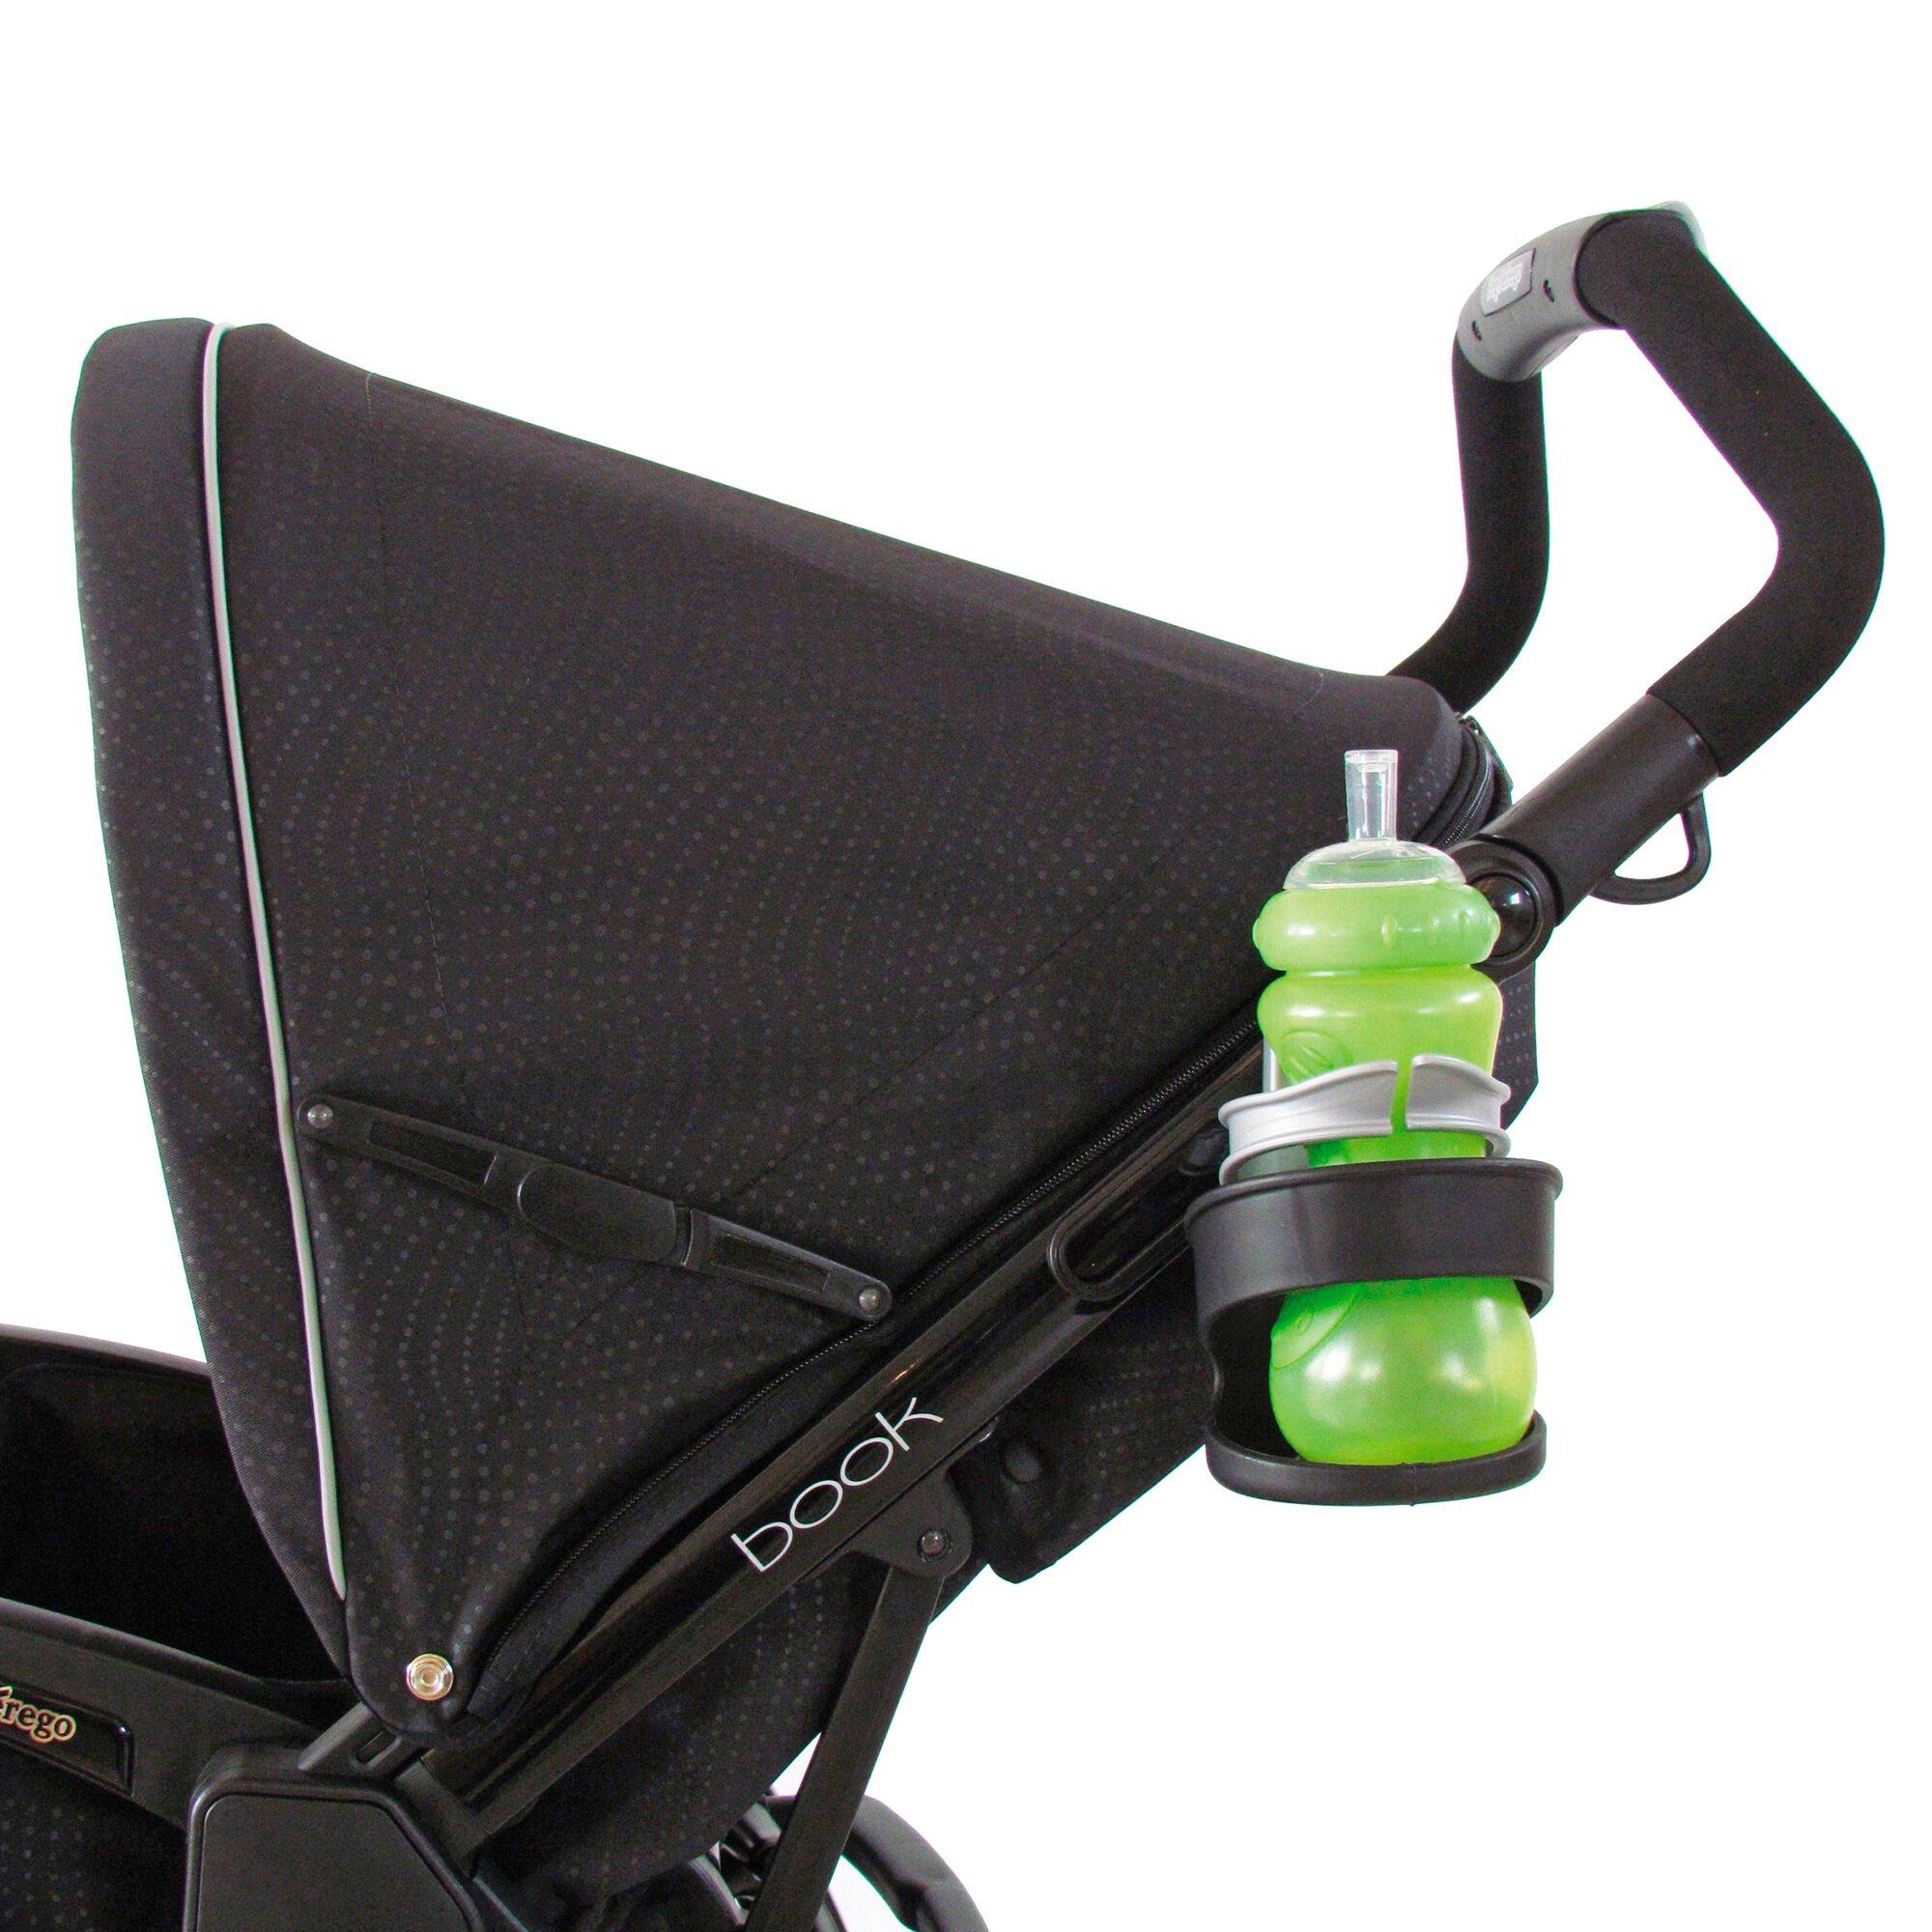 Peg Perego Flaschen, - Getränkehalter für Kinderwagen und Buggy schwarz